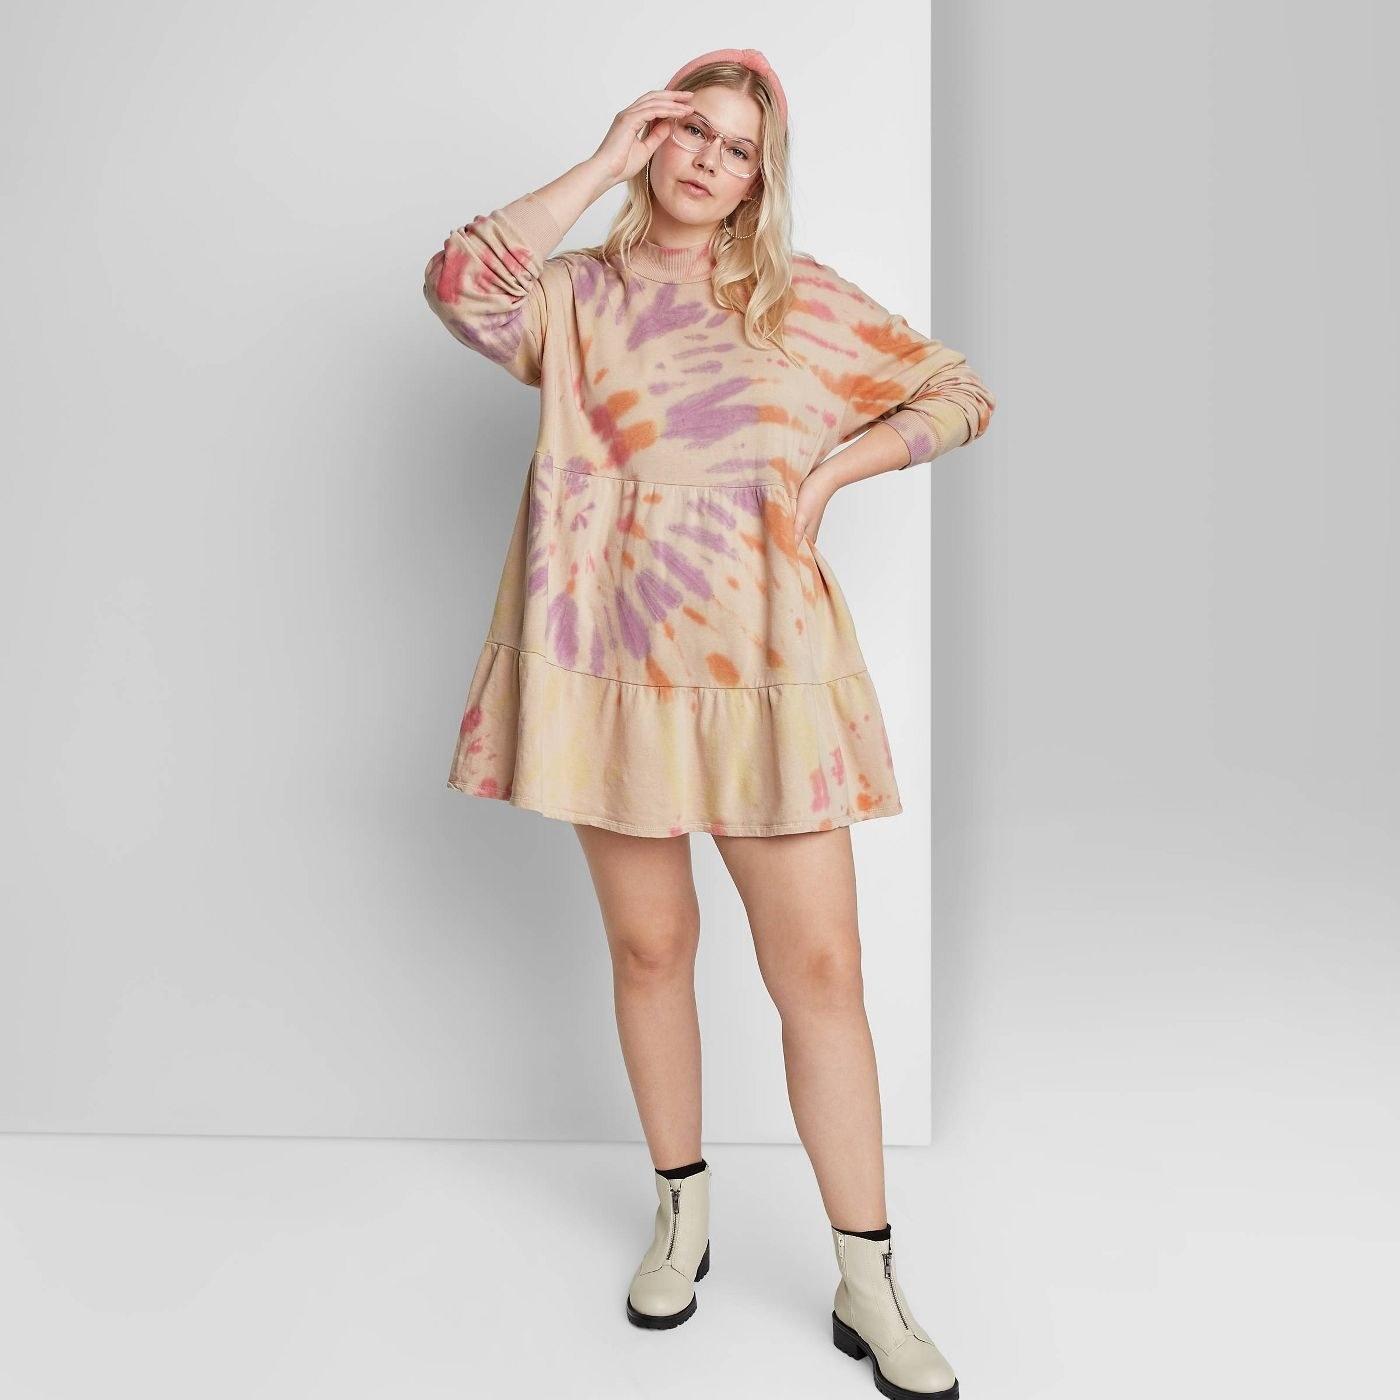 Model in long-sleeve sweatshirt dress